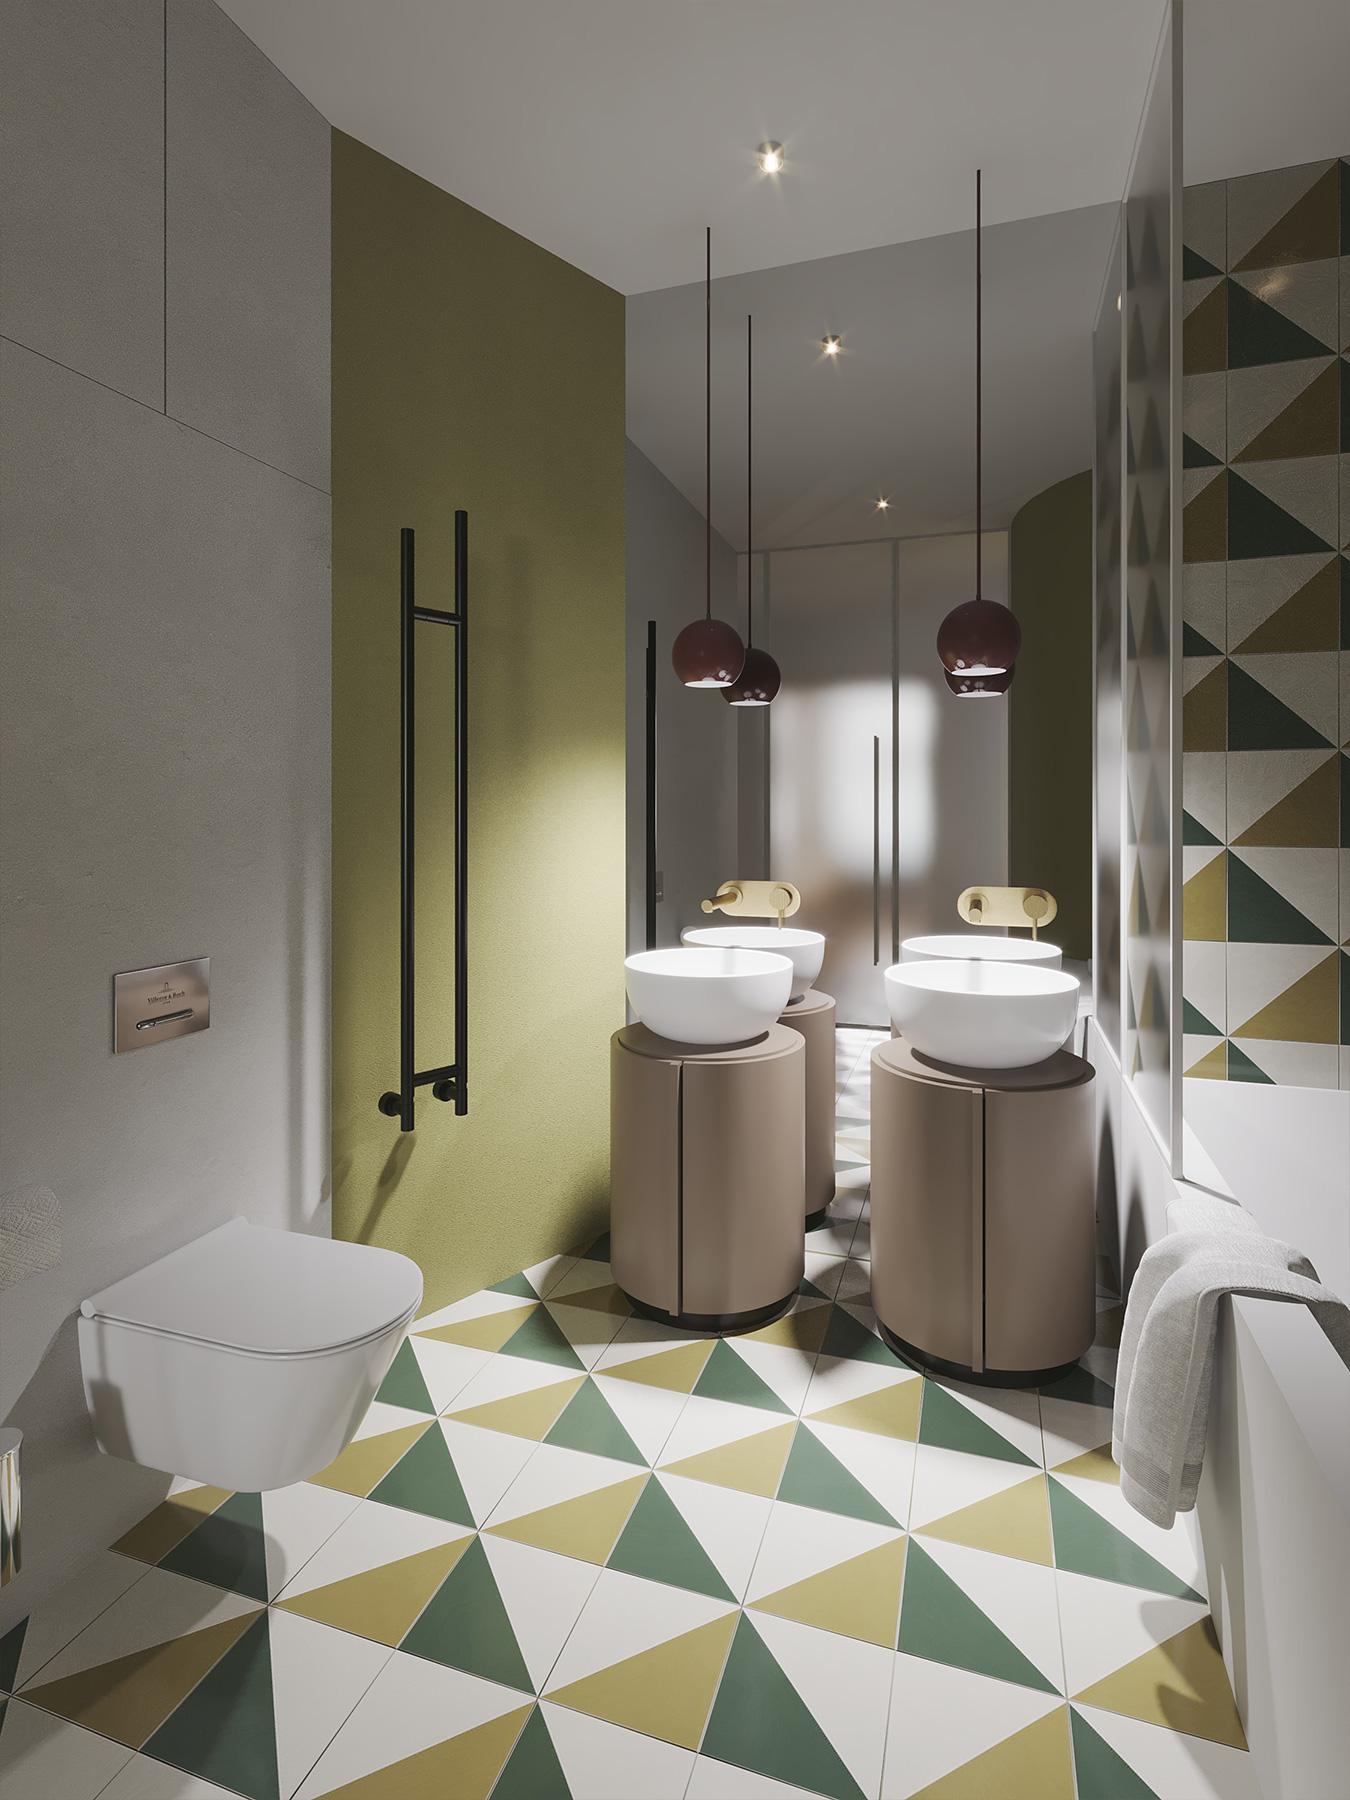 Restroom rendering